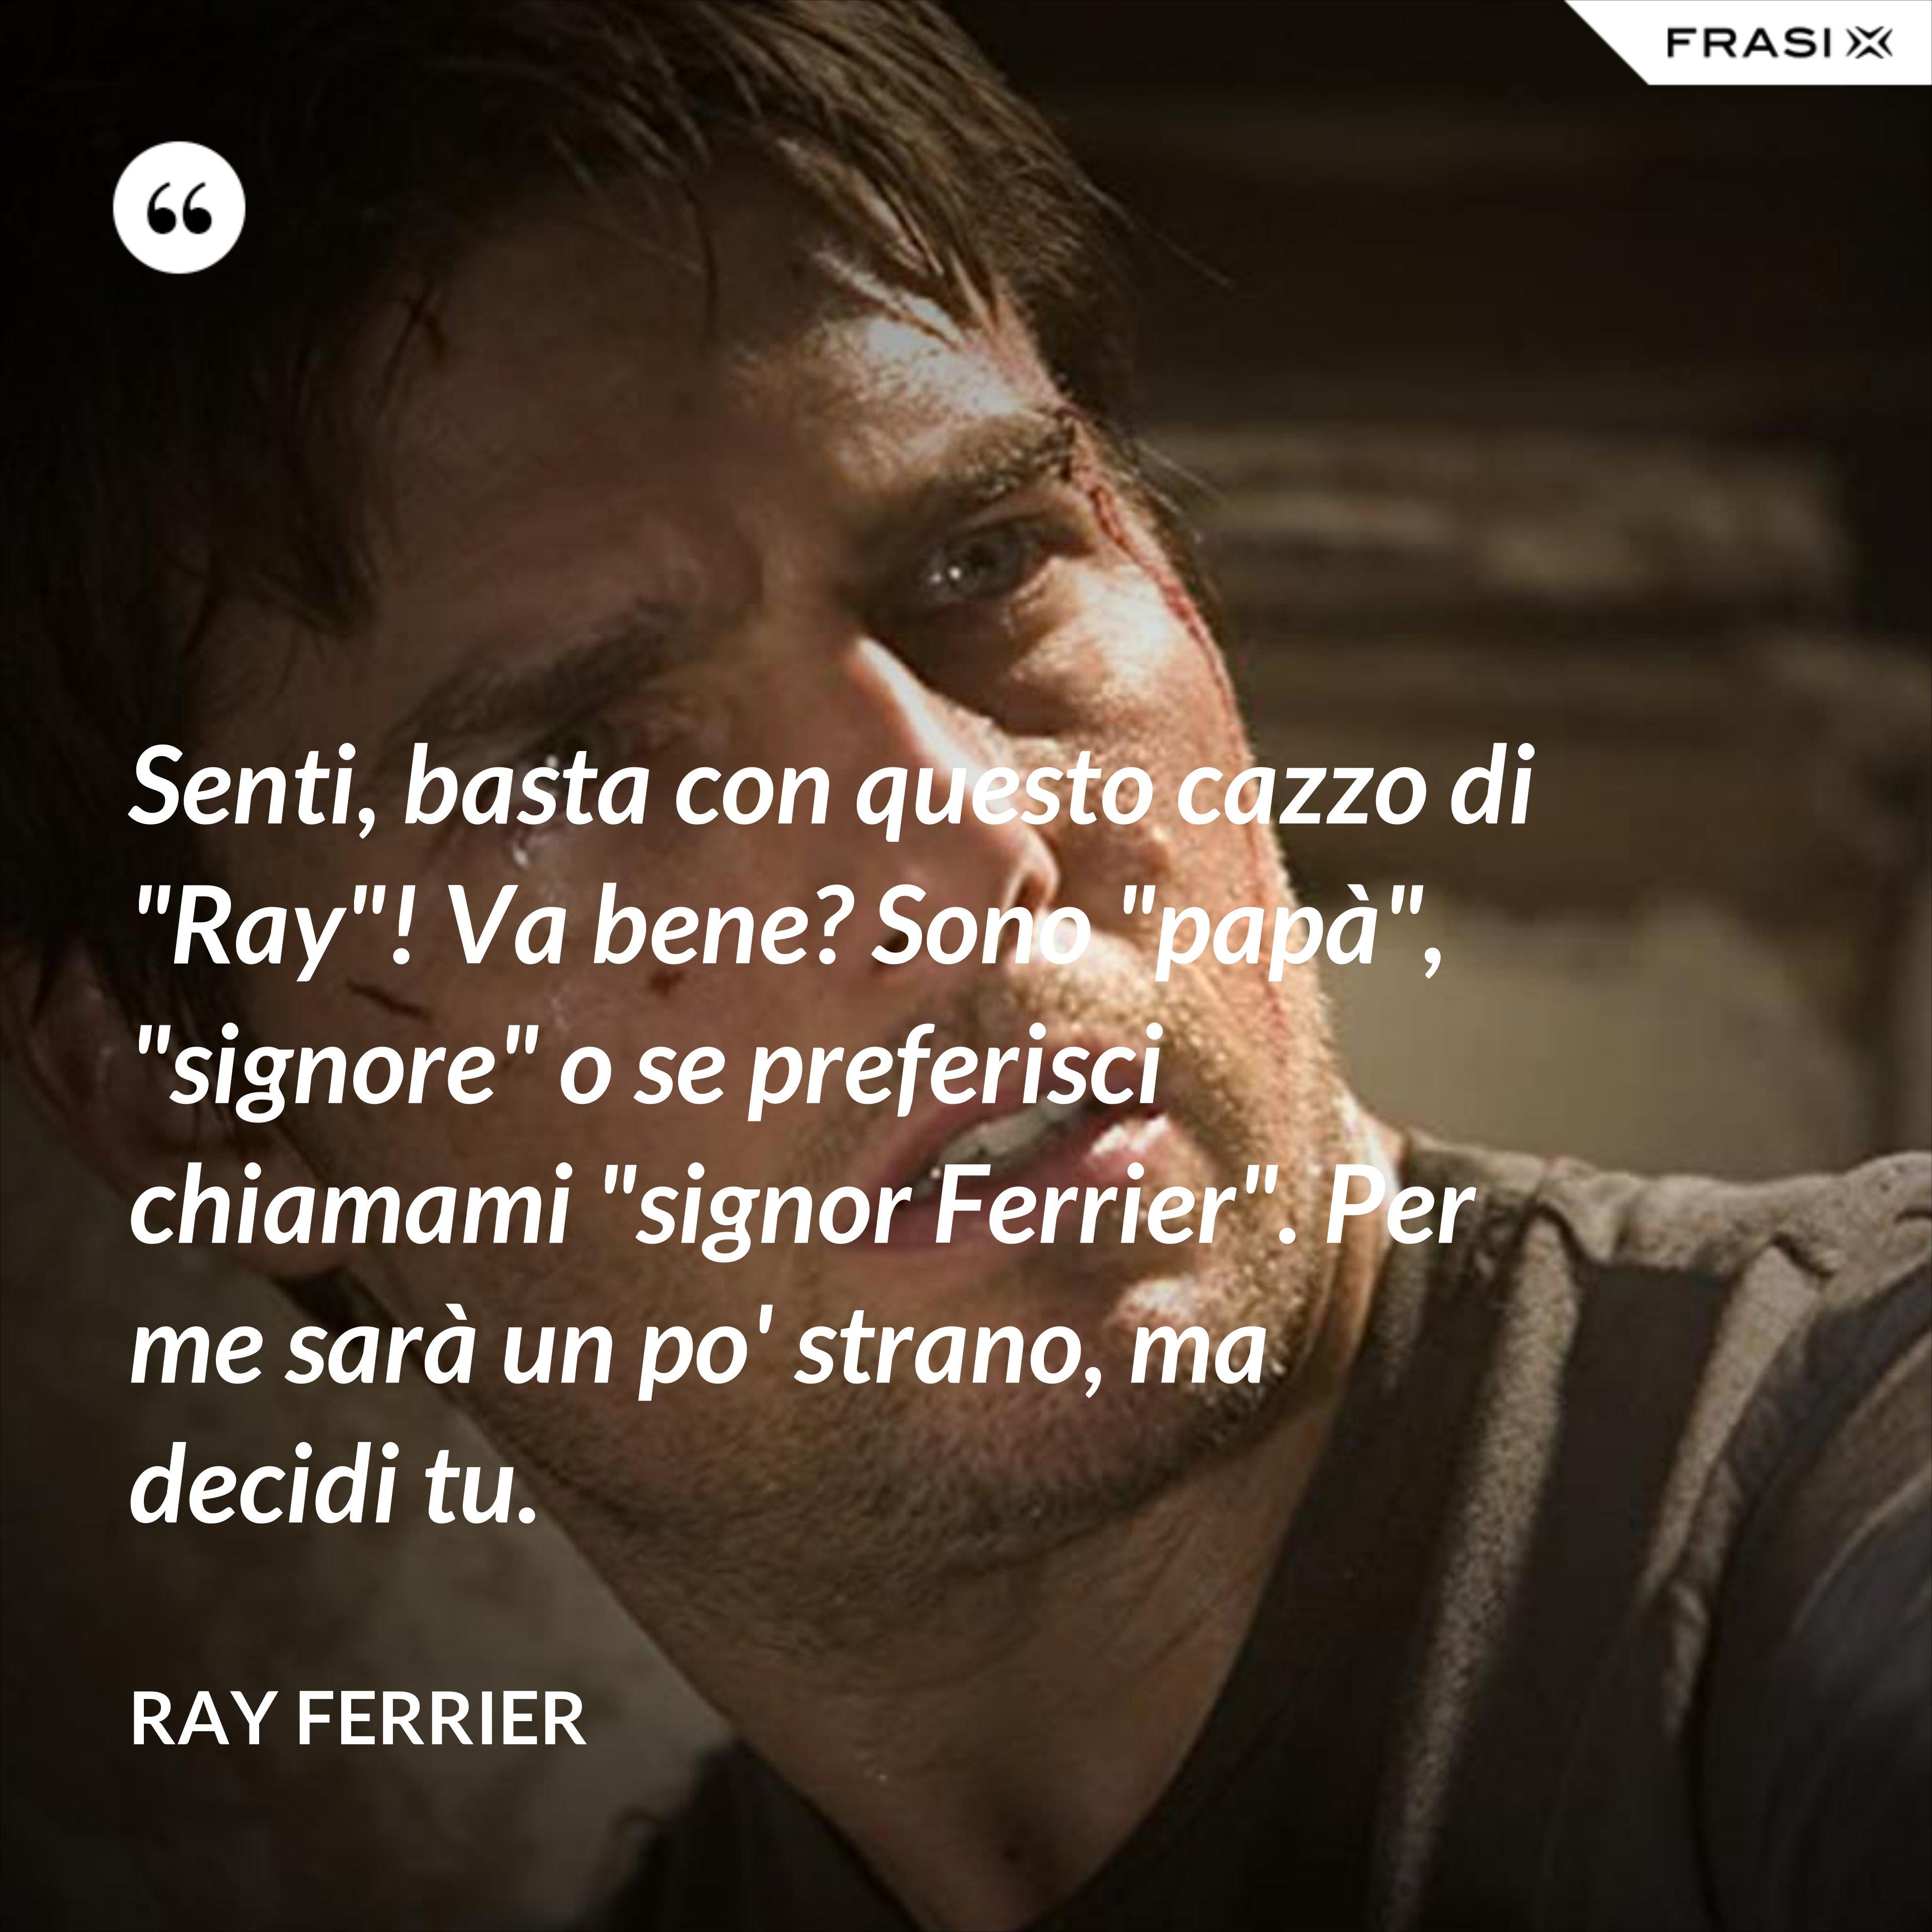 """Senti, basta con questo cazzo di """"Ray""""! Va bene? Sono """"papà"""", """"signore"""" o se preferisci chiamami """"signor Ferrier"""". Per me sarà un po' strano, ma decidi tu. - Ray Ferrier"""